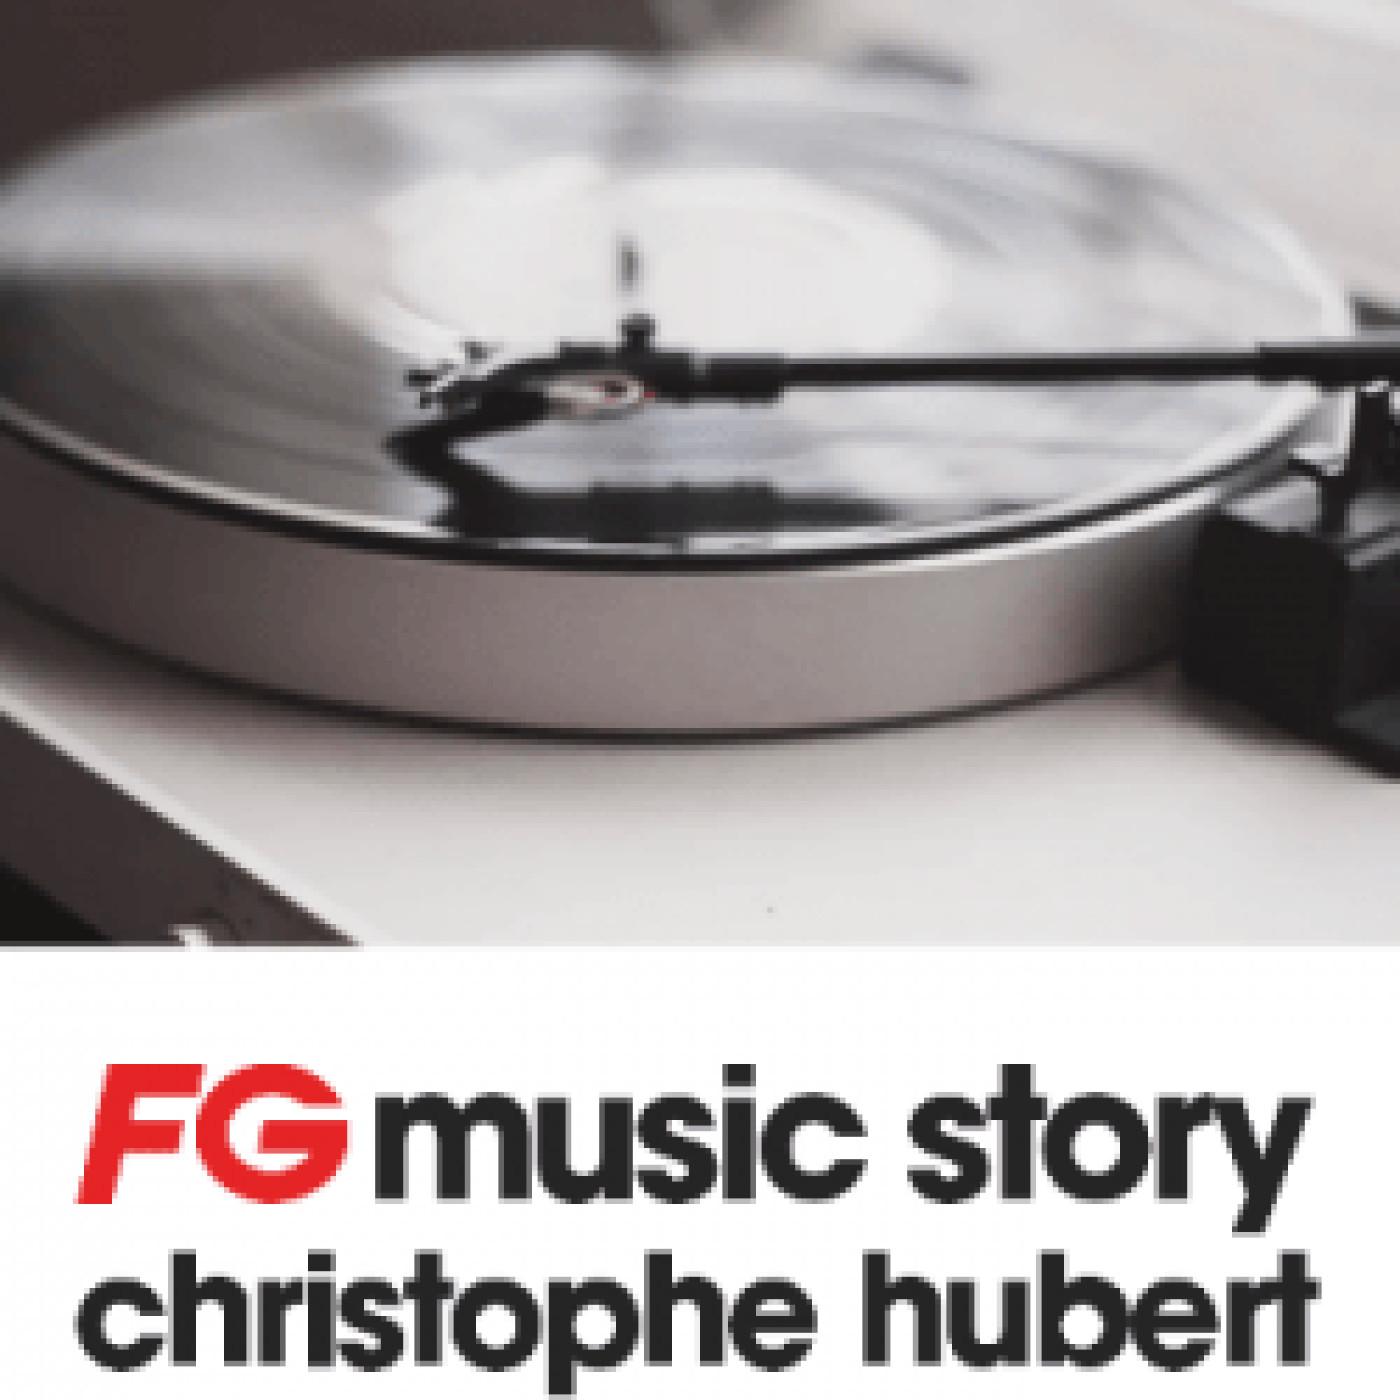 FG MUSIC STORY : KINGS OF TOMORROW